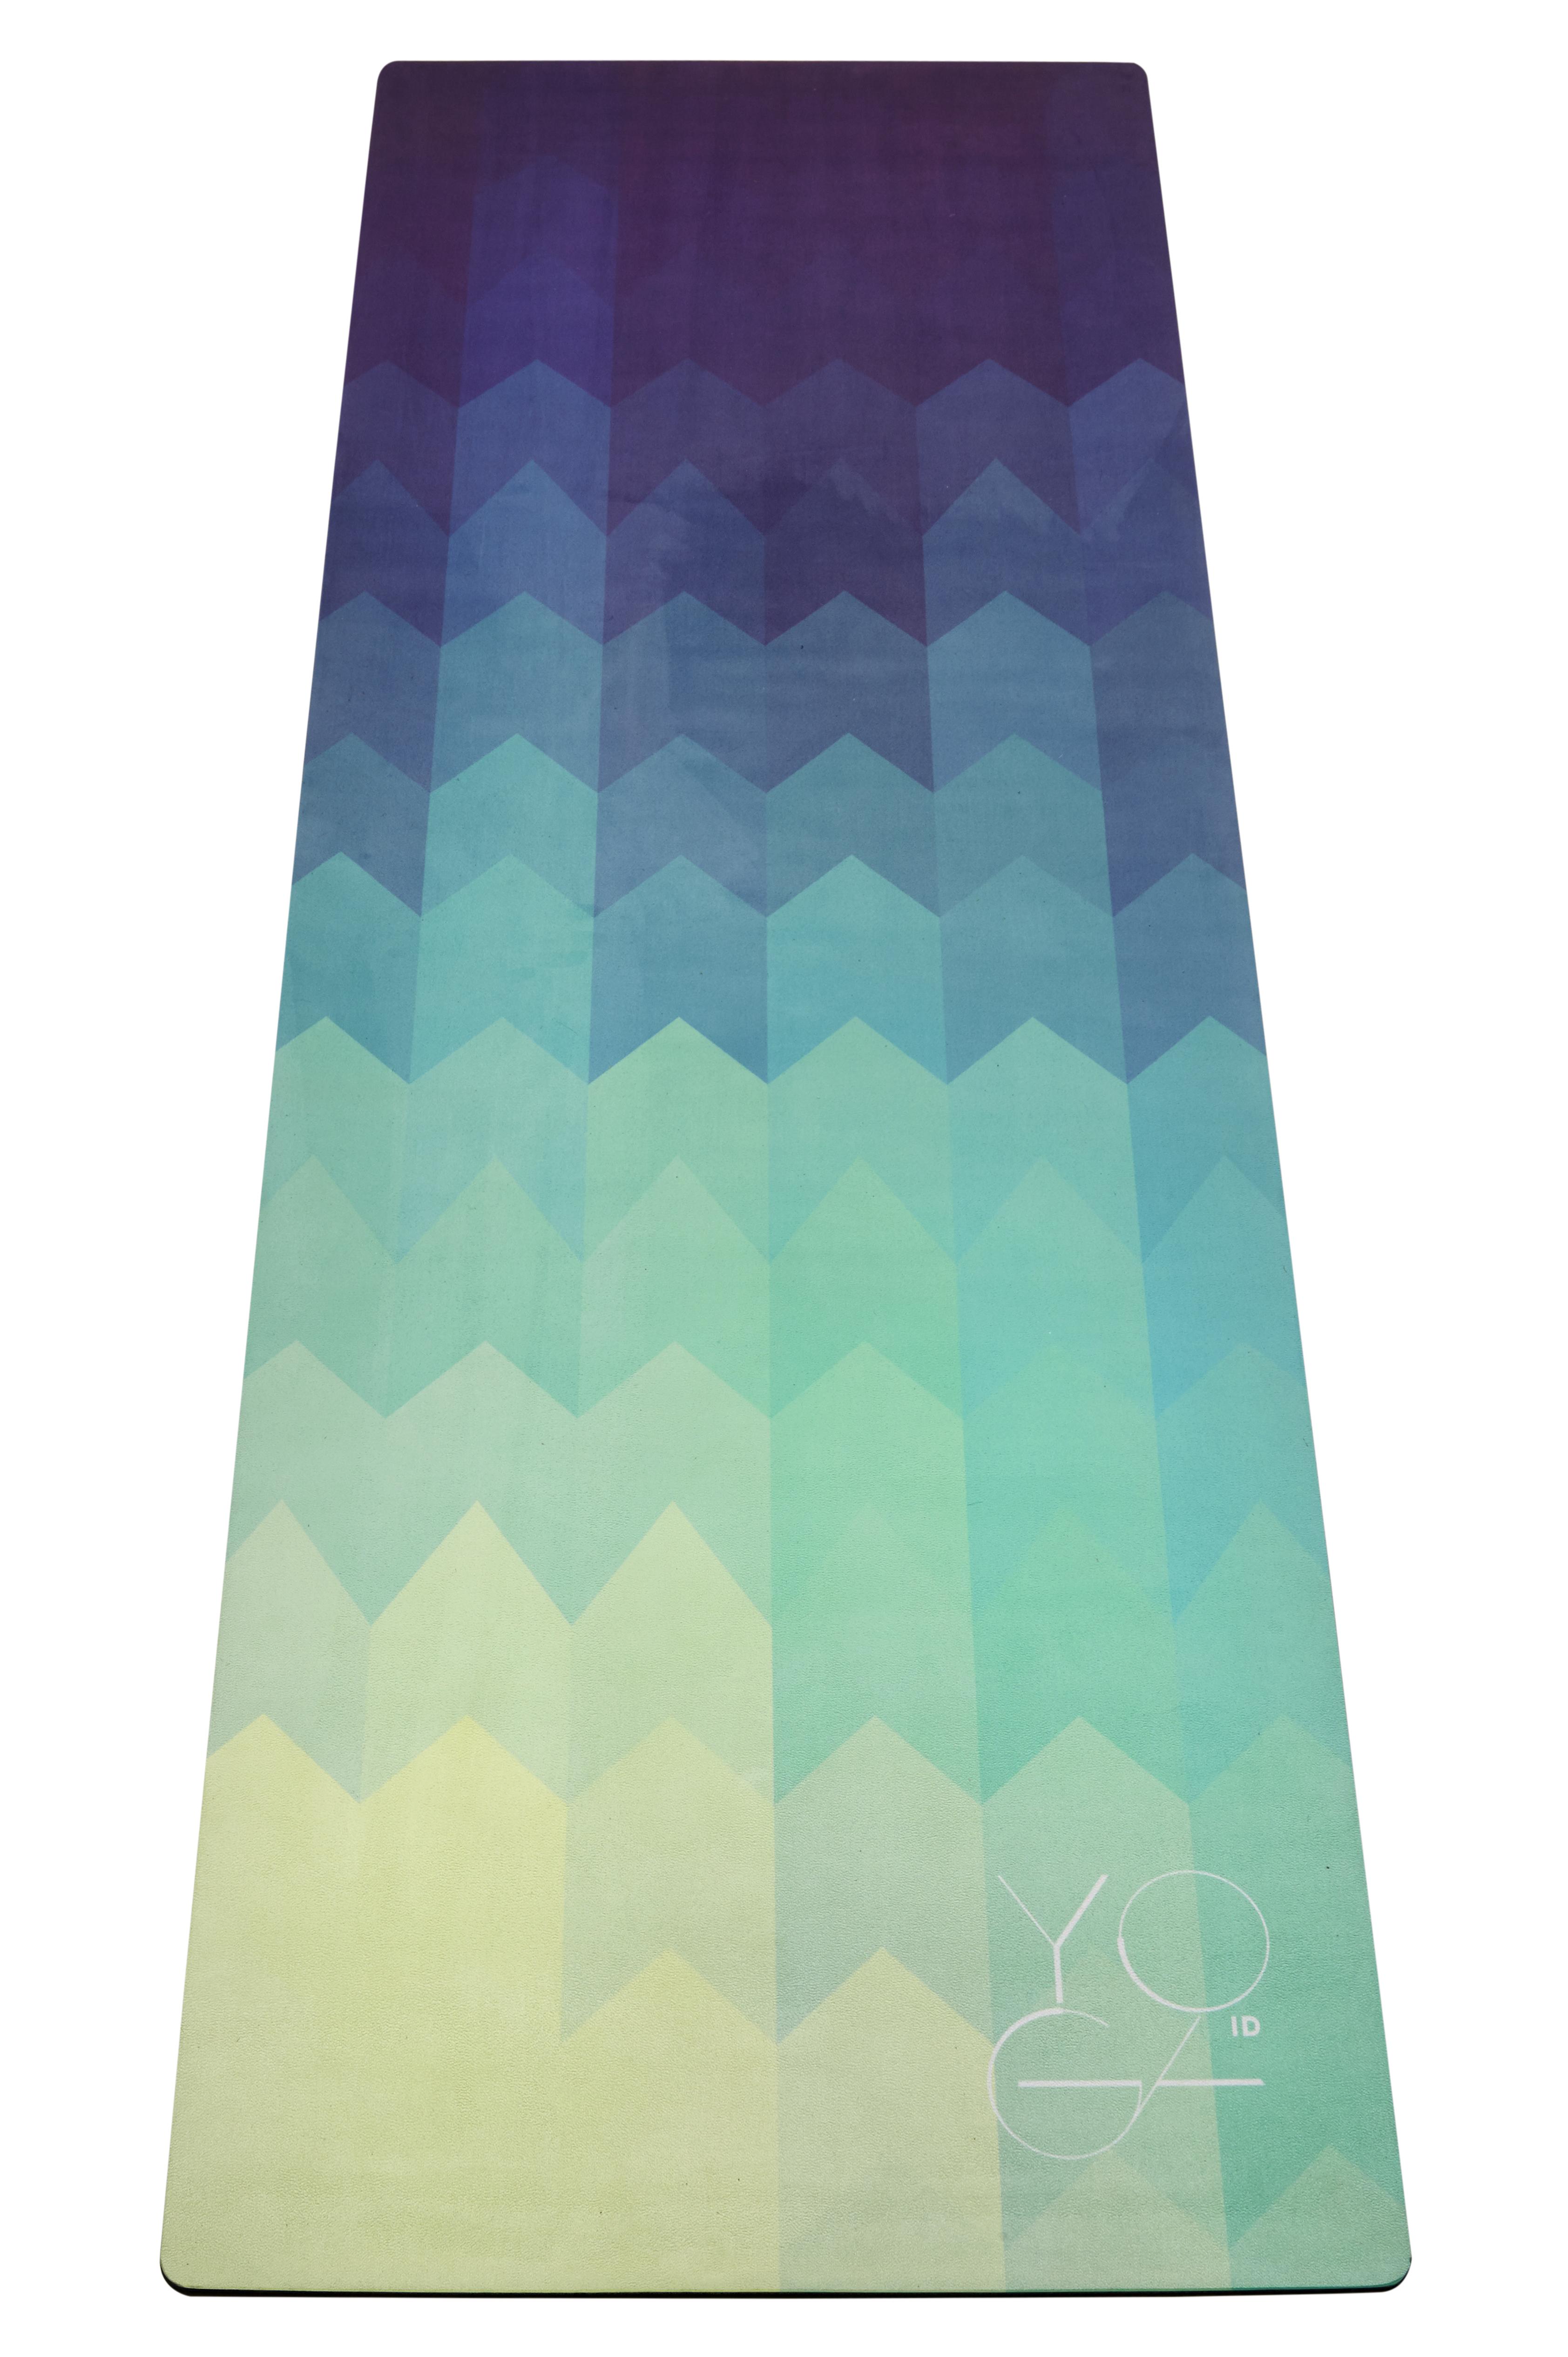 Коврик для йоги Yoga ID America, цвет: голубой, 173 х 61 х 0,3 см0010Коврик для йоги Yoga ID America- идеальный коврик для динамических практик, совмещающий в себе функции коврика и полотенца. Основание из натурального органического каучука обеспечивает надежную сцепку с любой поверхностью, а абсорбирующее покрытие microfiber предотвращает скольжение! В комплект входит переноска для коврика. Рекомендации по использованию:-рекомендуется ручная стирка при температуре 30°С с деликатным моющим средством. Для еще лучшей стабилизации в определенных асанах рекомендуется смачивать ладони водой перед началом практики.Йога: все, что нужно начинающим и опытным практикам. Статья OZON Гид